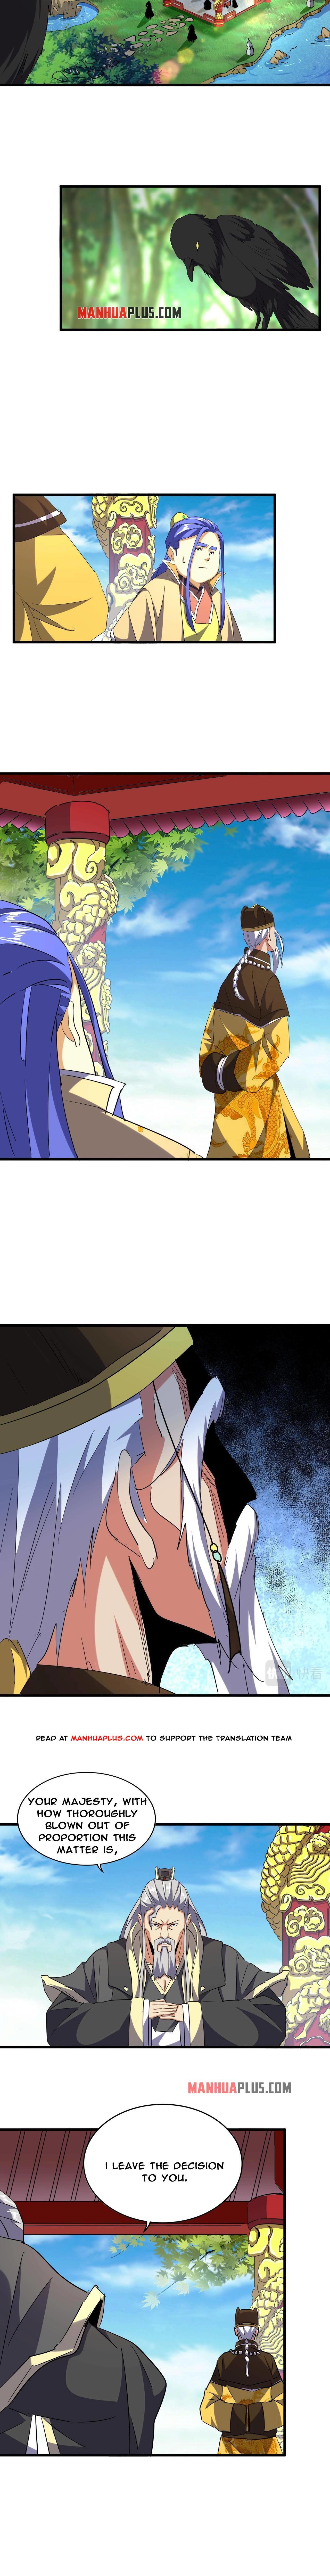 Magic Emperor Chapter 207 page 8 - Mangakakalots.com